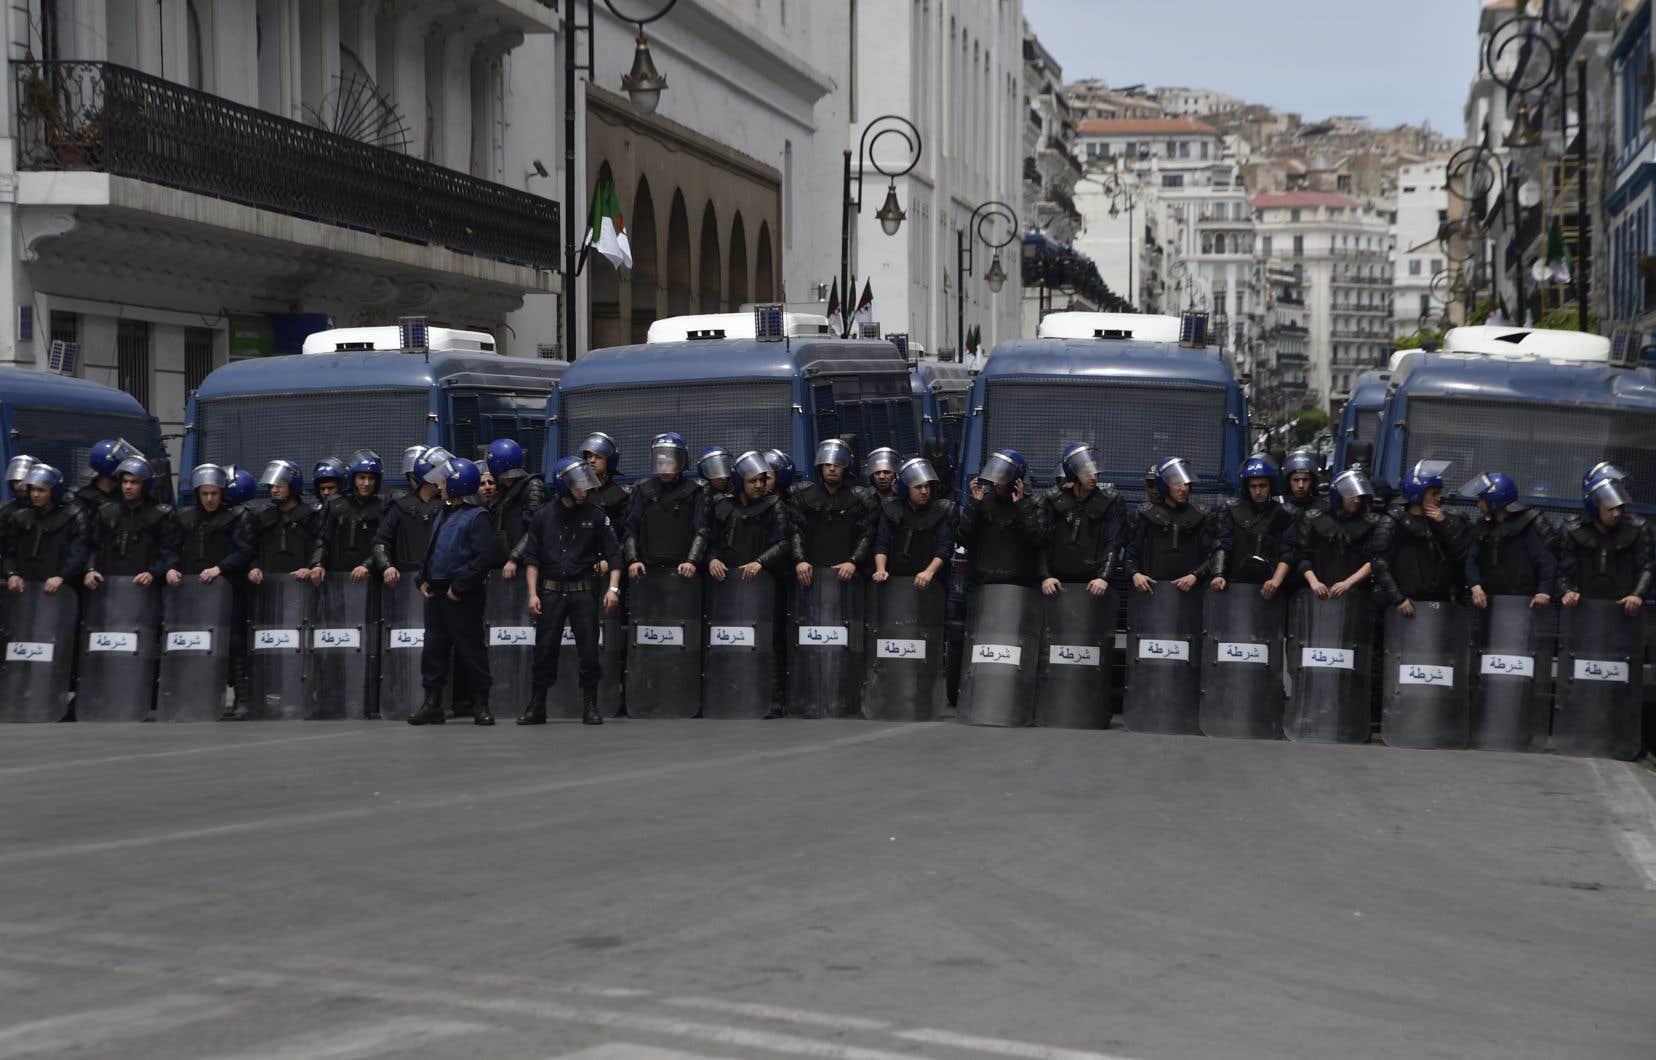 D'importants renforts policiers, munis de casques et de boucliers, ont été déployés dans les rues menant àl'Assemblée populaire nationale.